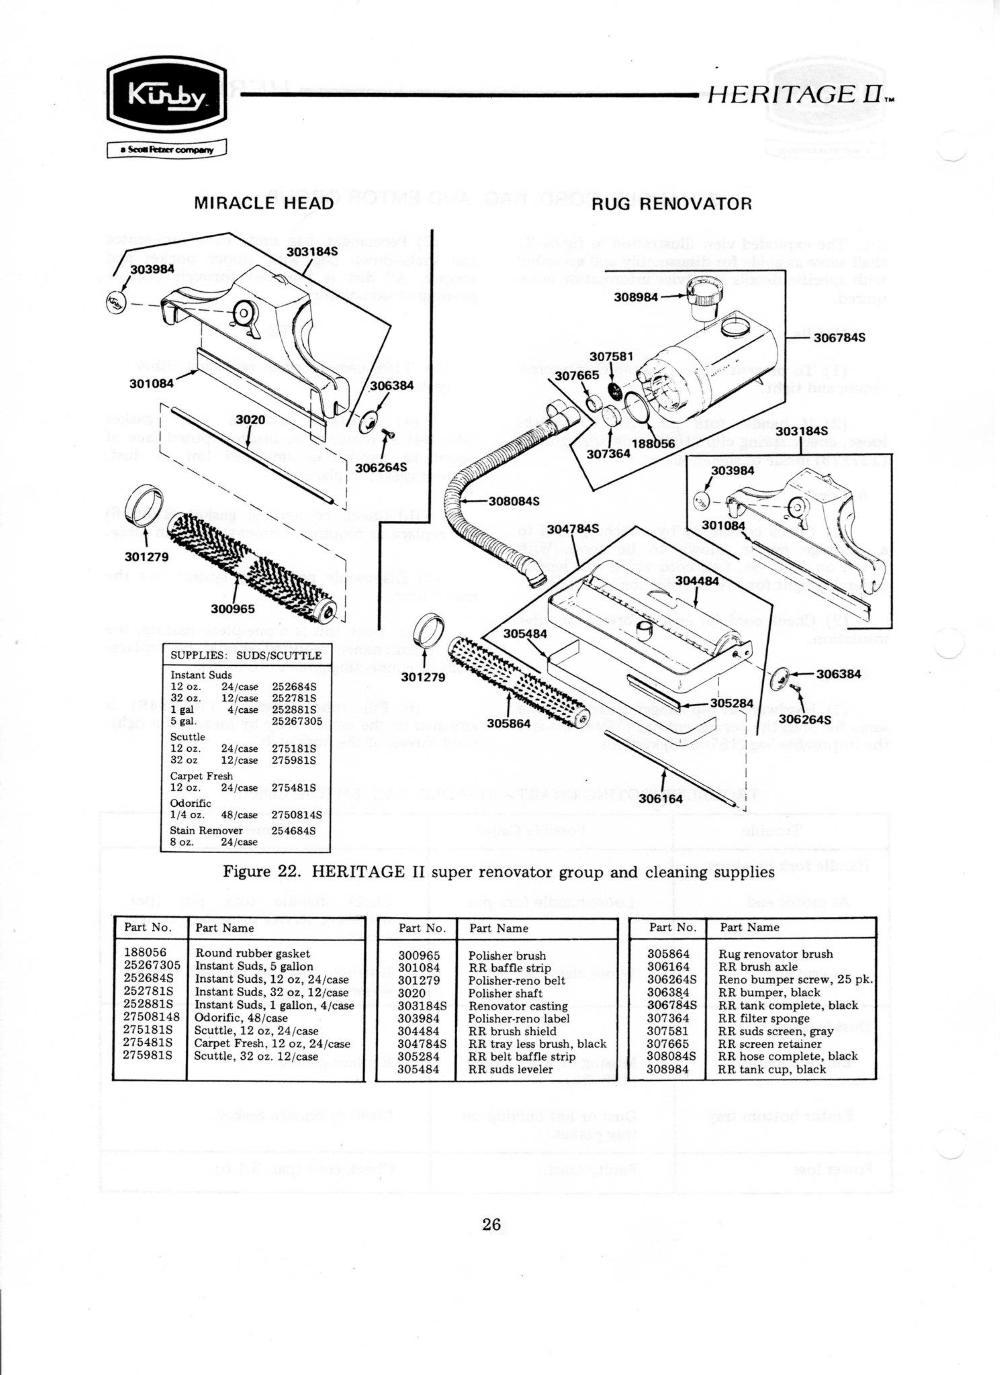 Kirby Rug Renovator Details (Pre-Heritage II)